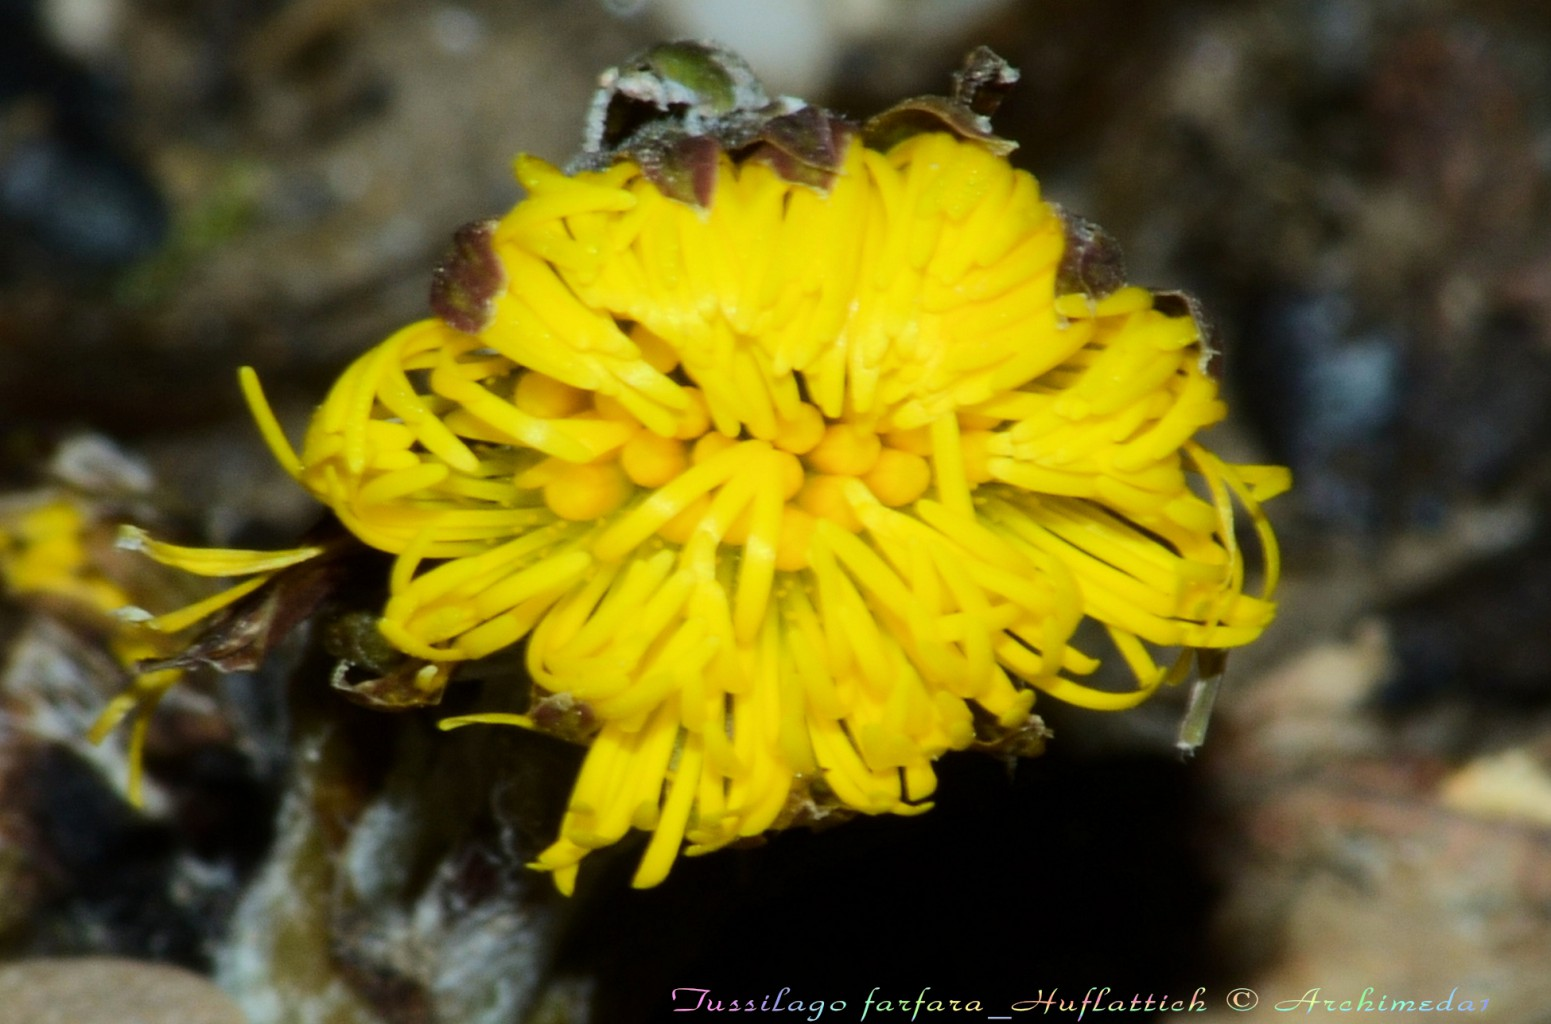 Tussilago farfara_Huflattich-Blüte © Archimeda1